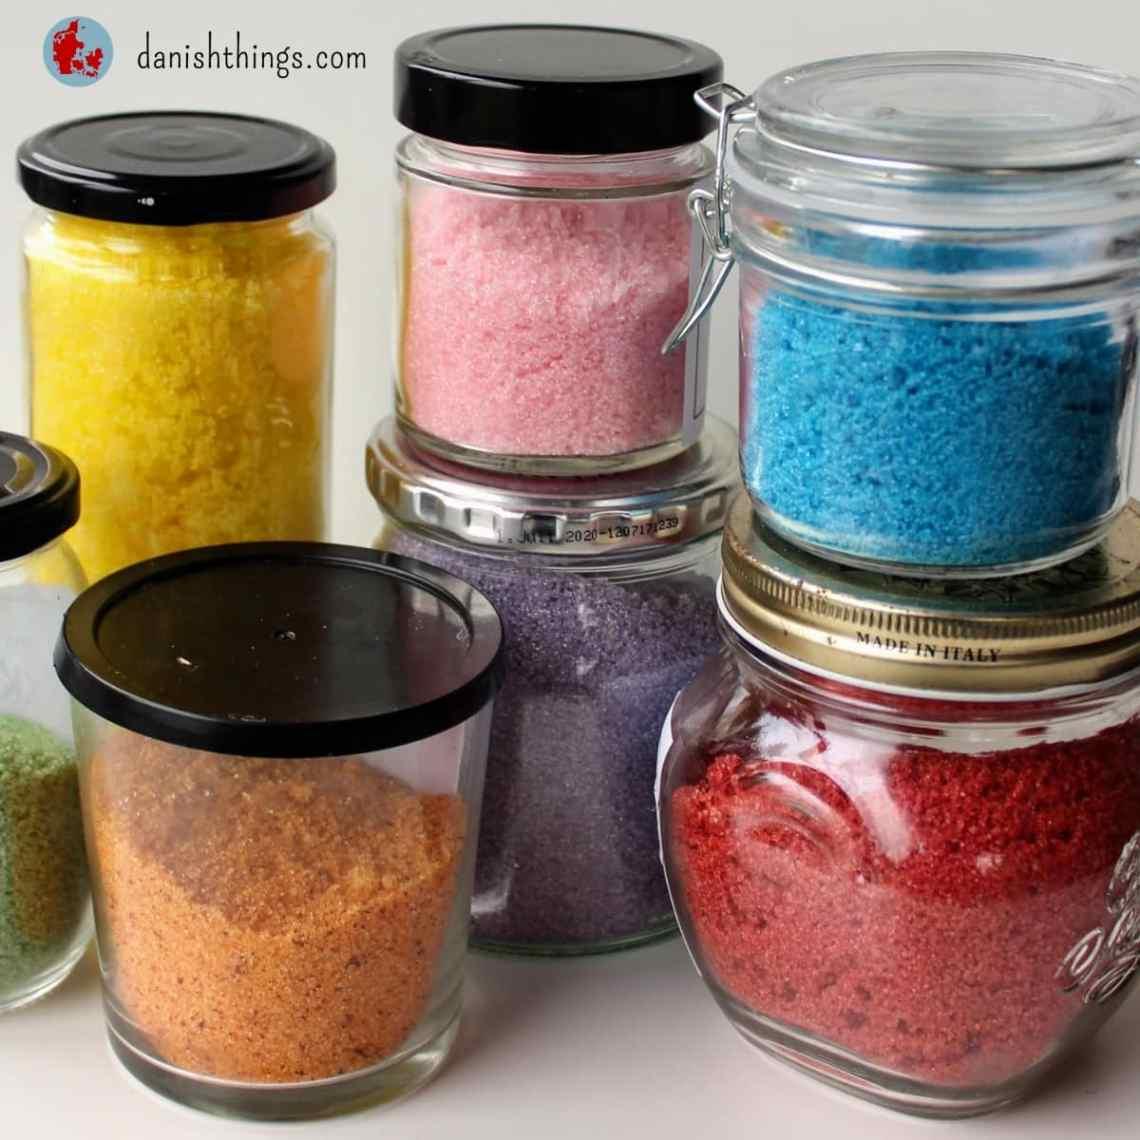 Sådan laver du farvet sukker, farvede sukkerkrystaller og sukker med smag. Her får du et par nemme opskrifter på sukker med naturlig eller kunstig smag og farve. Du får også inspiration til, hvor du kan bruge sukkerkrystallerne. Find andre opskrifter og inspiration til årets gang på danishthings.com